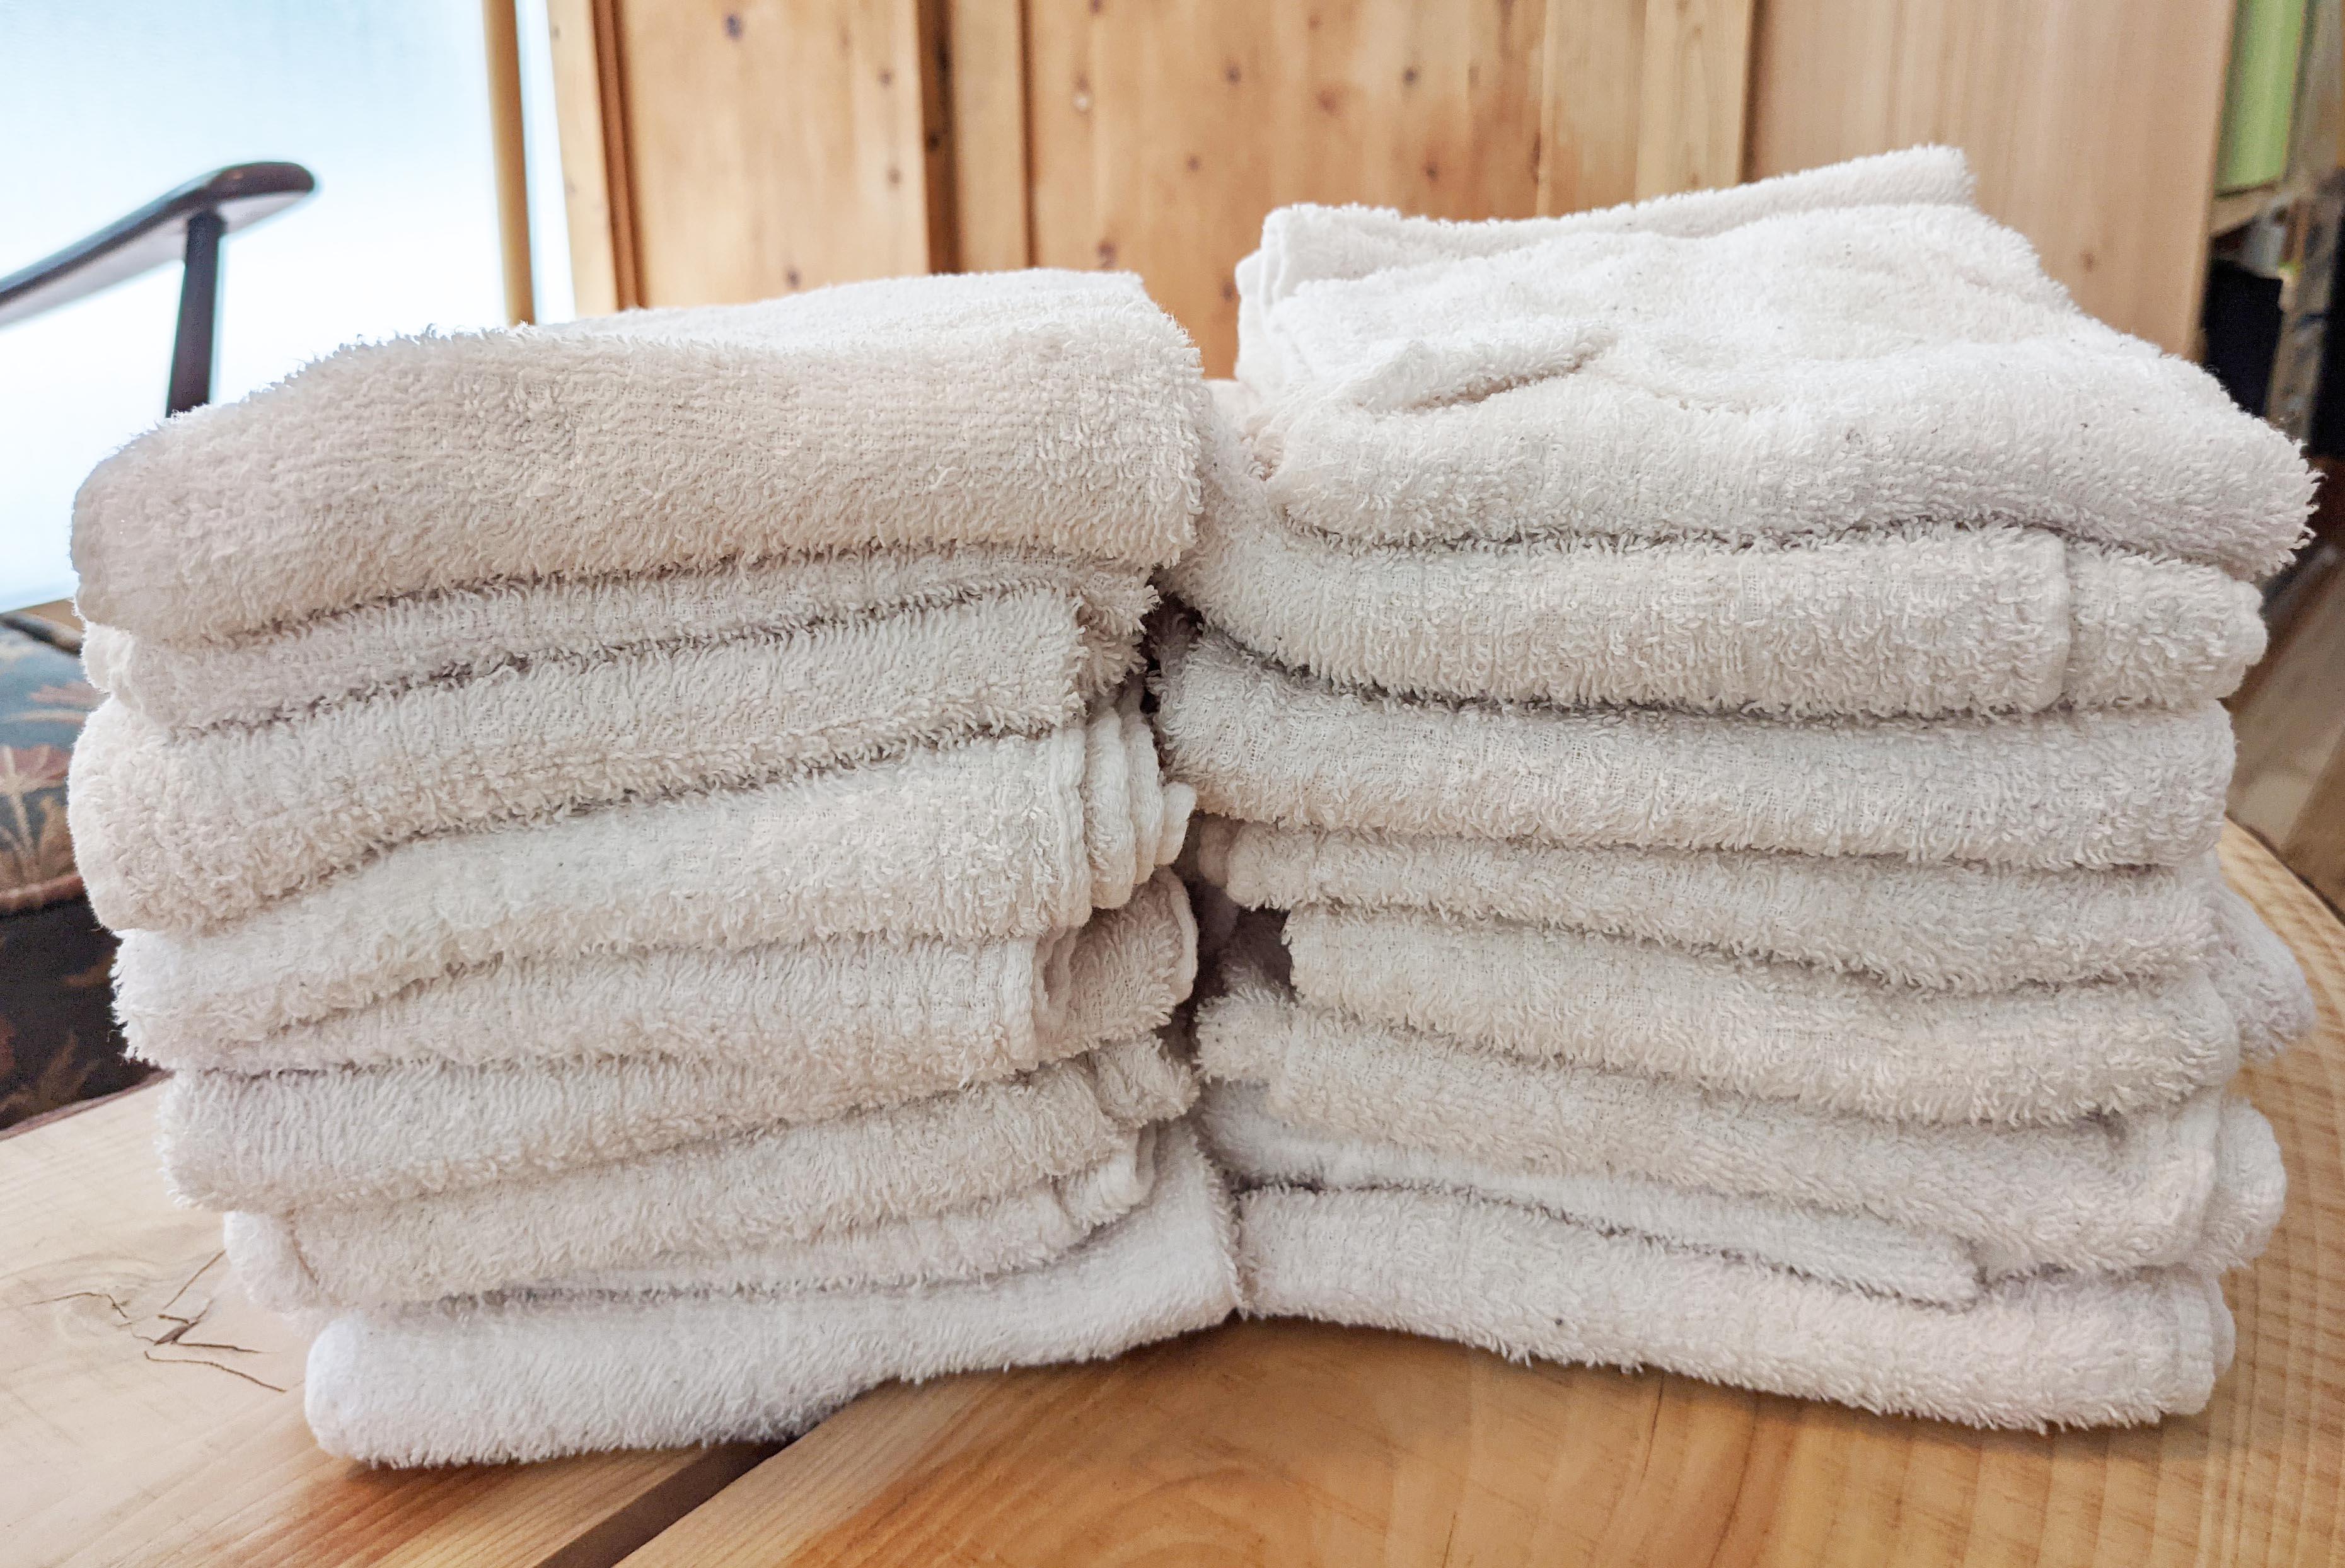 美容室arch様にタオルをご提供いただきました